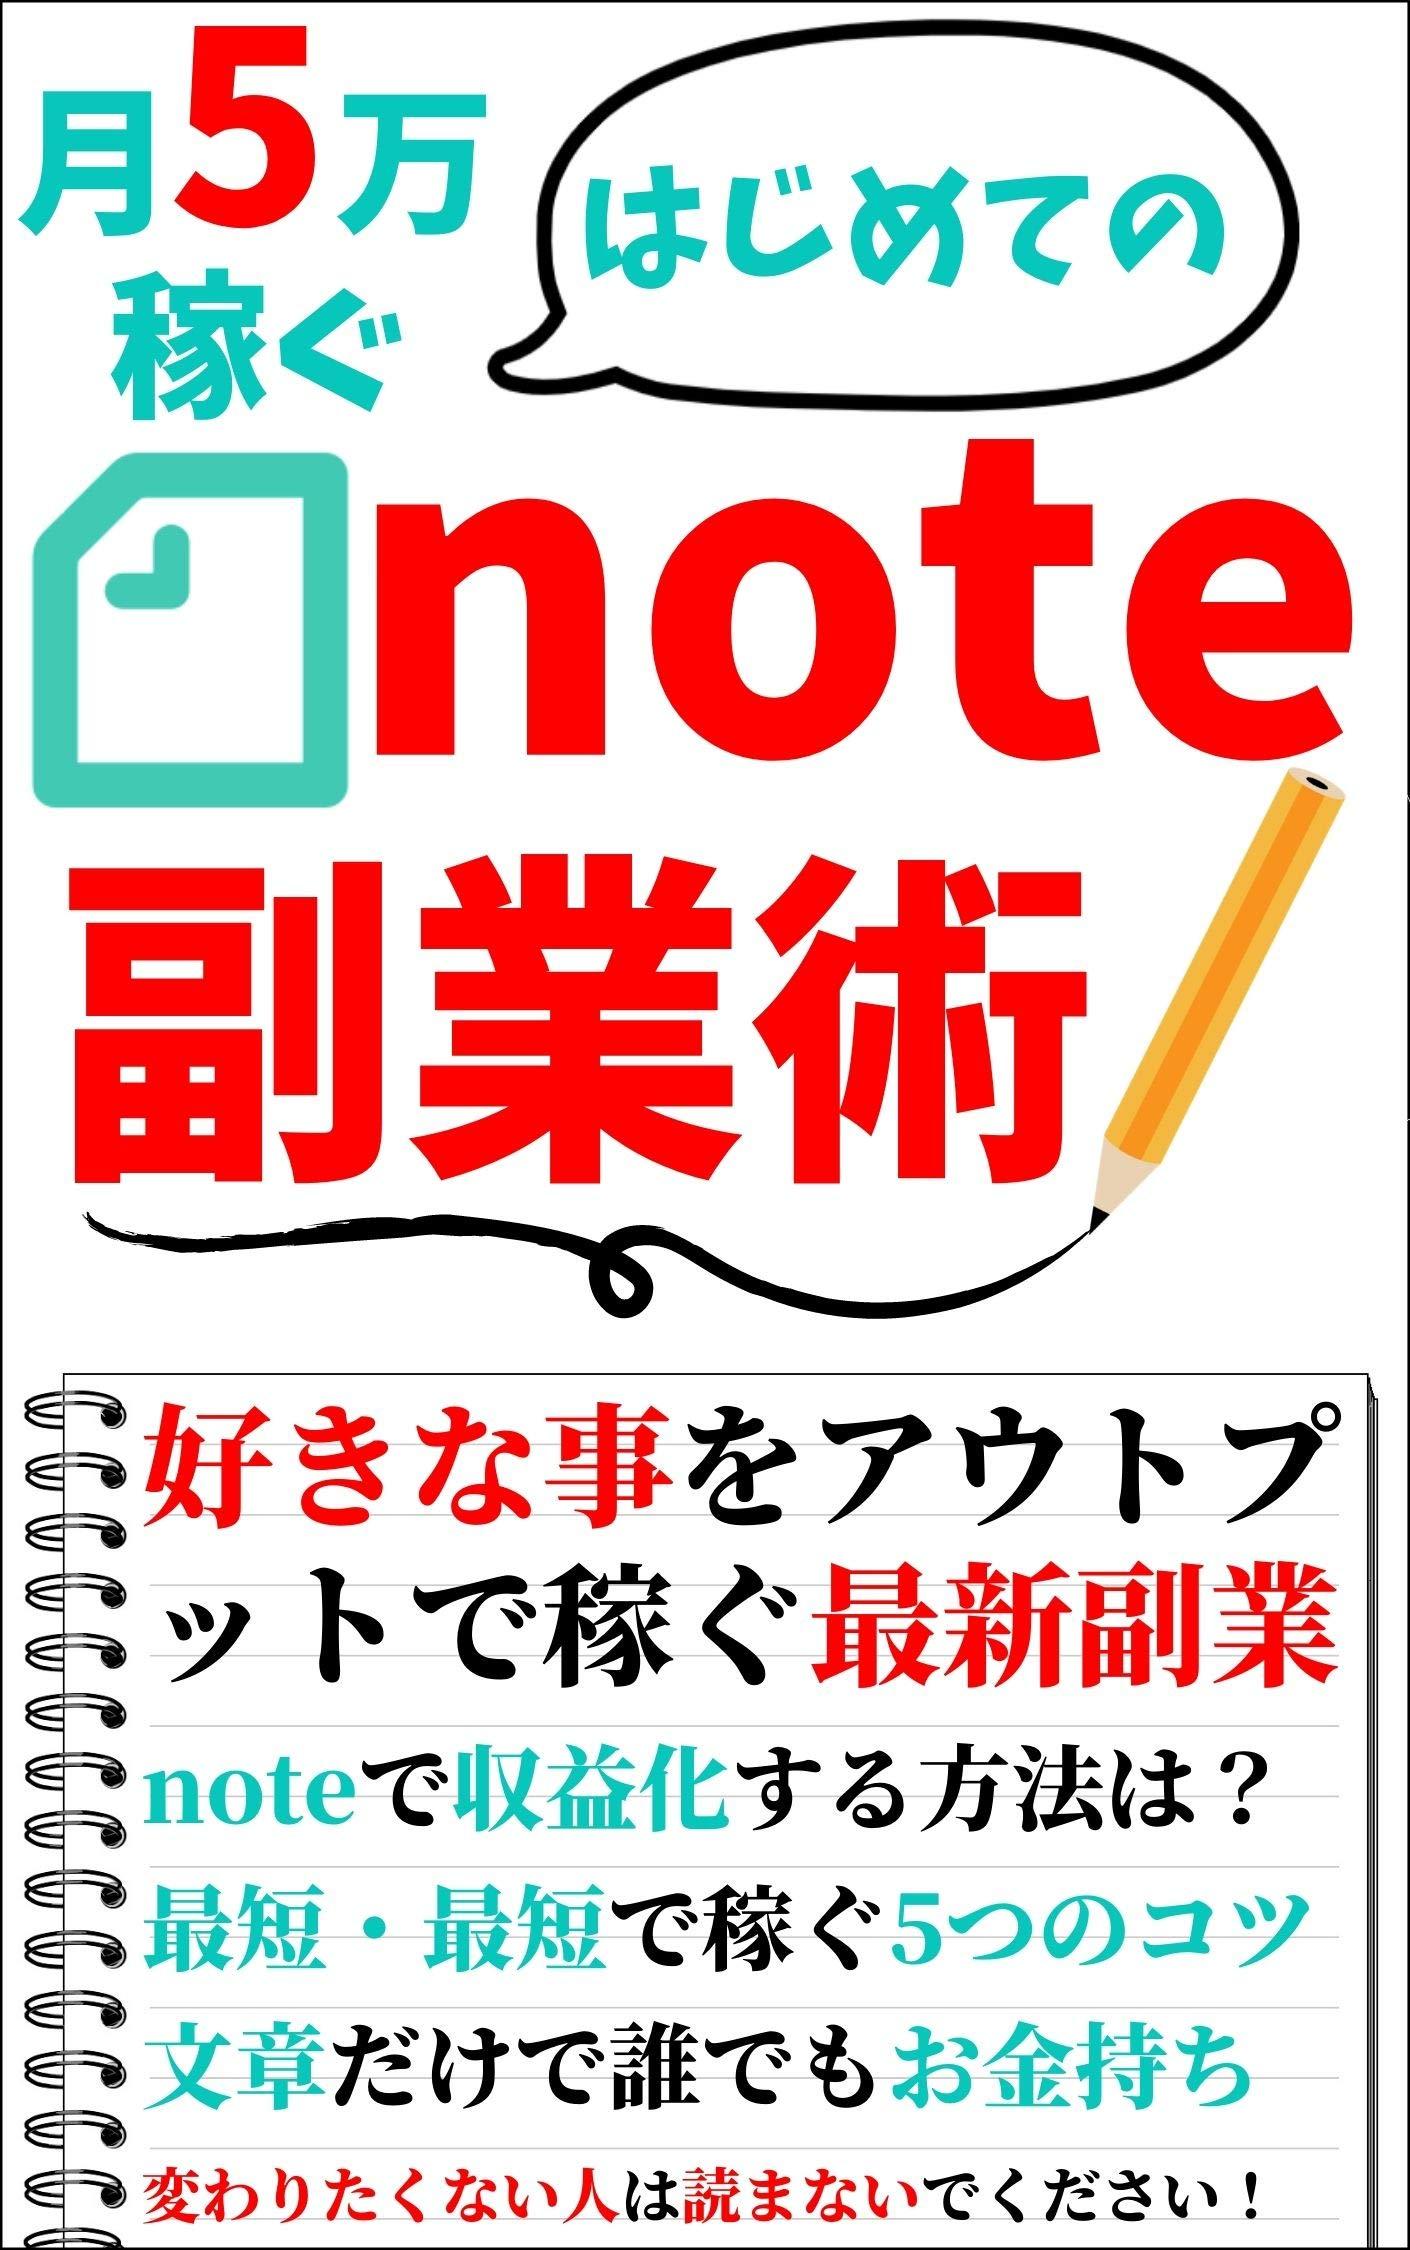 tukigomannennkaseguhajimetenonotefukugyoujyutu: sukinakotowoautoputtodekasegusaisinnfukugyou (Japanese Edition)